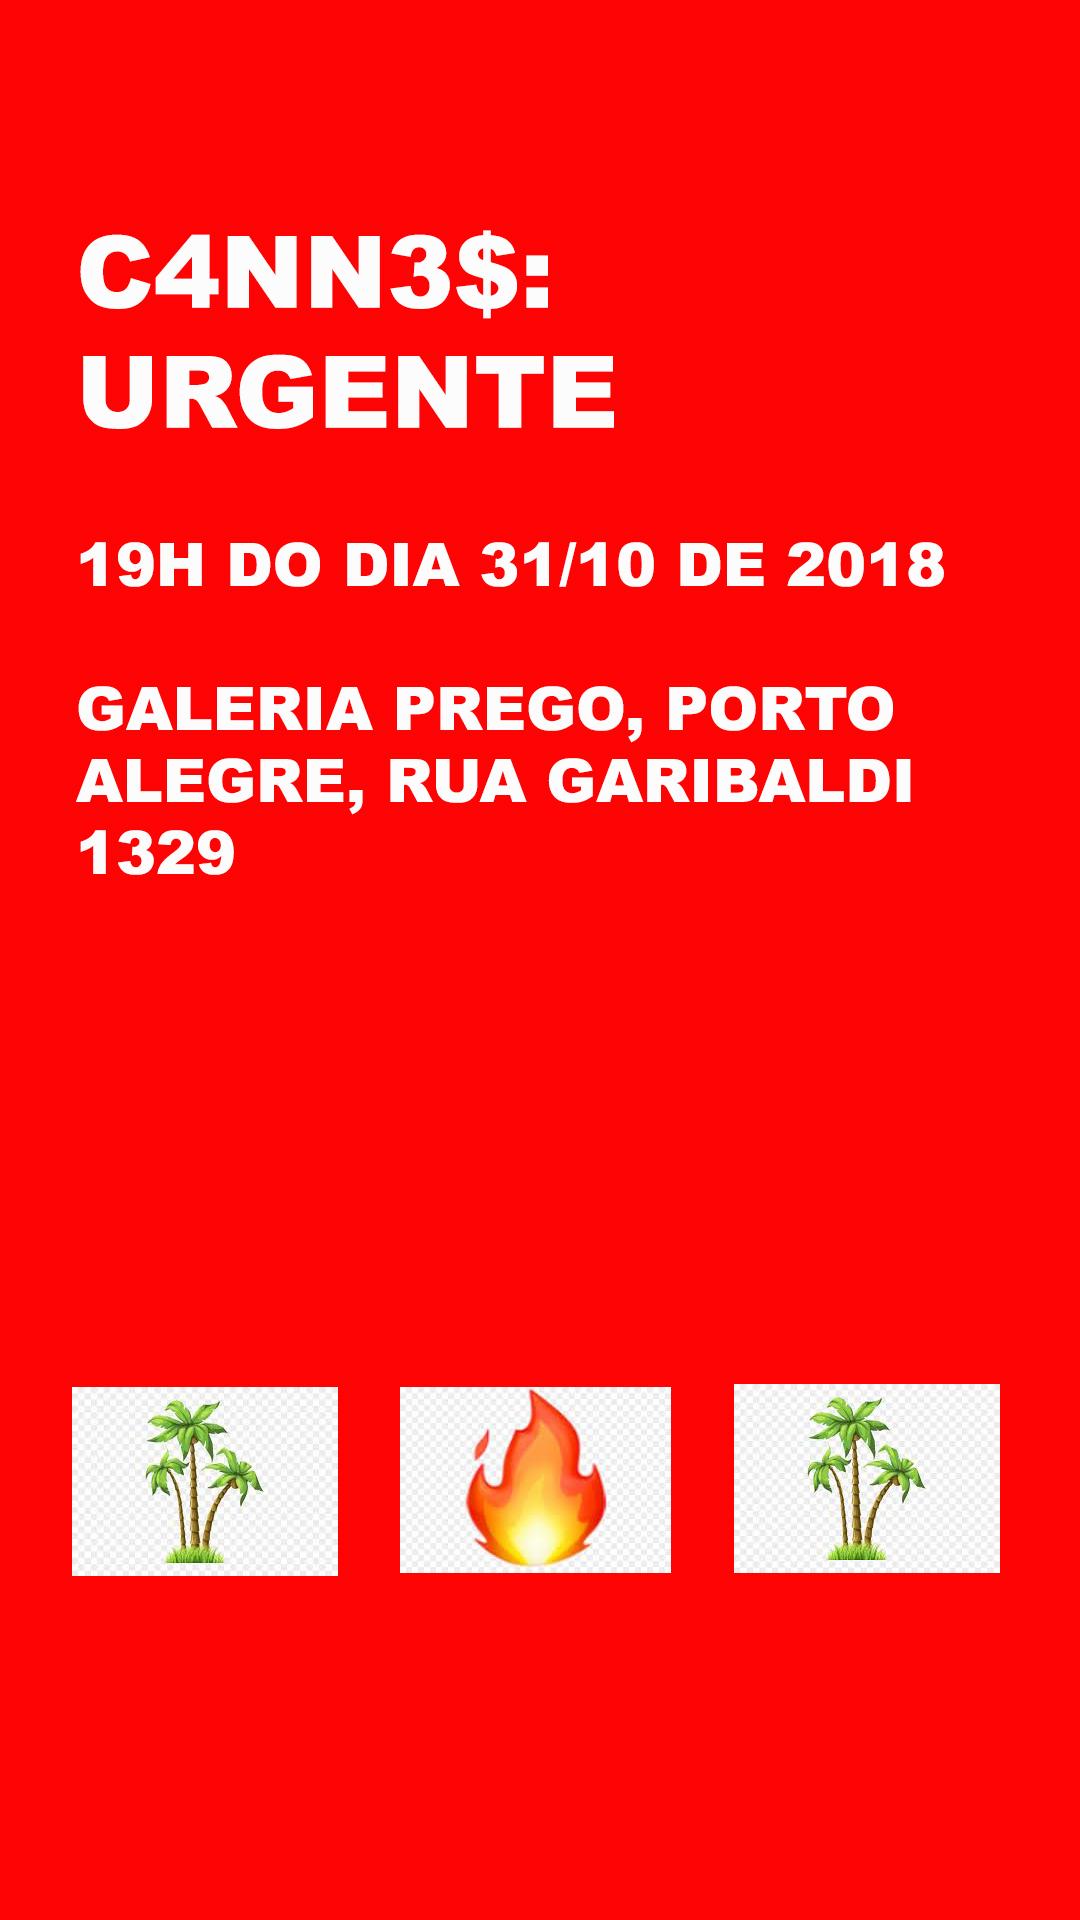 Galeria Prego